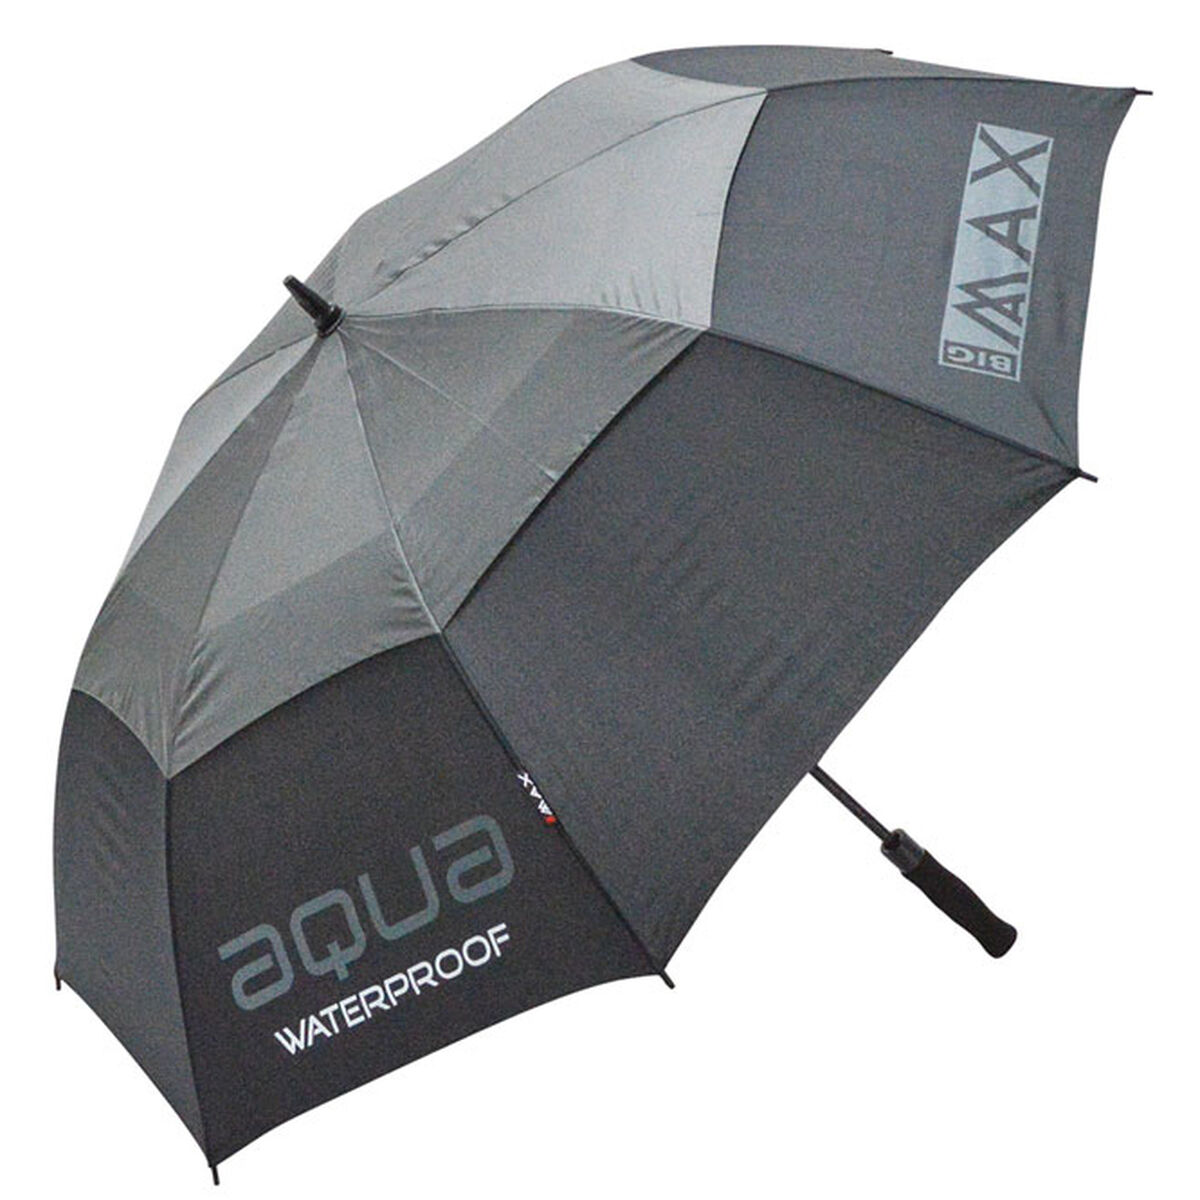 BIG MAX Aqua Umbrella, Male, Black/charcoal, 132cm | American Golf